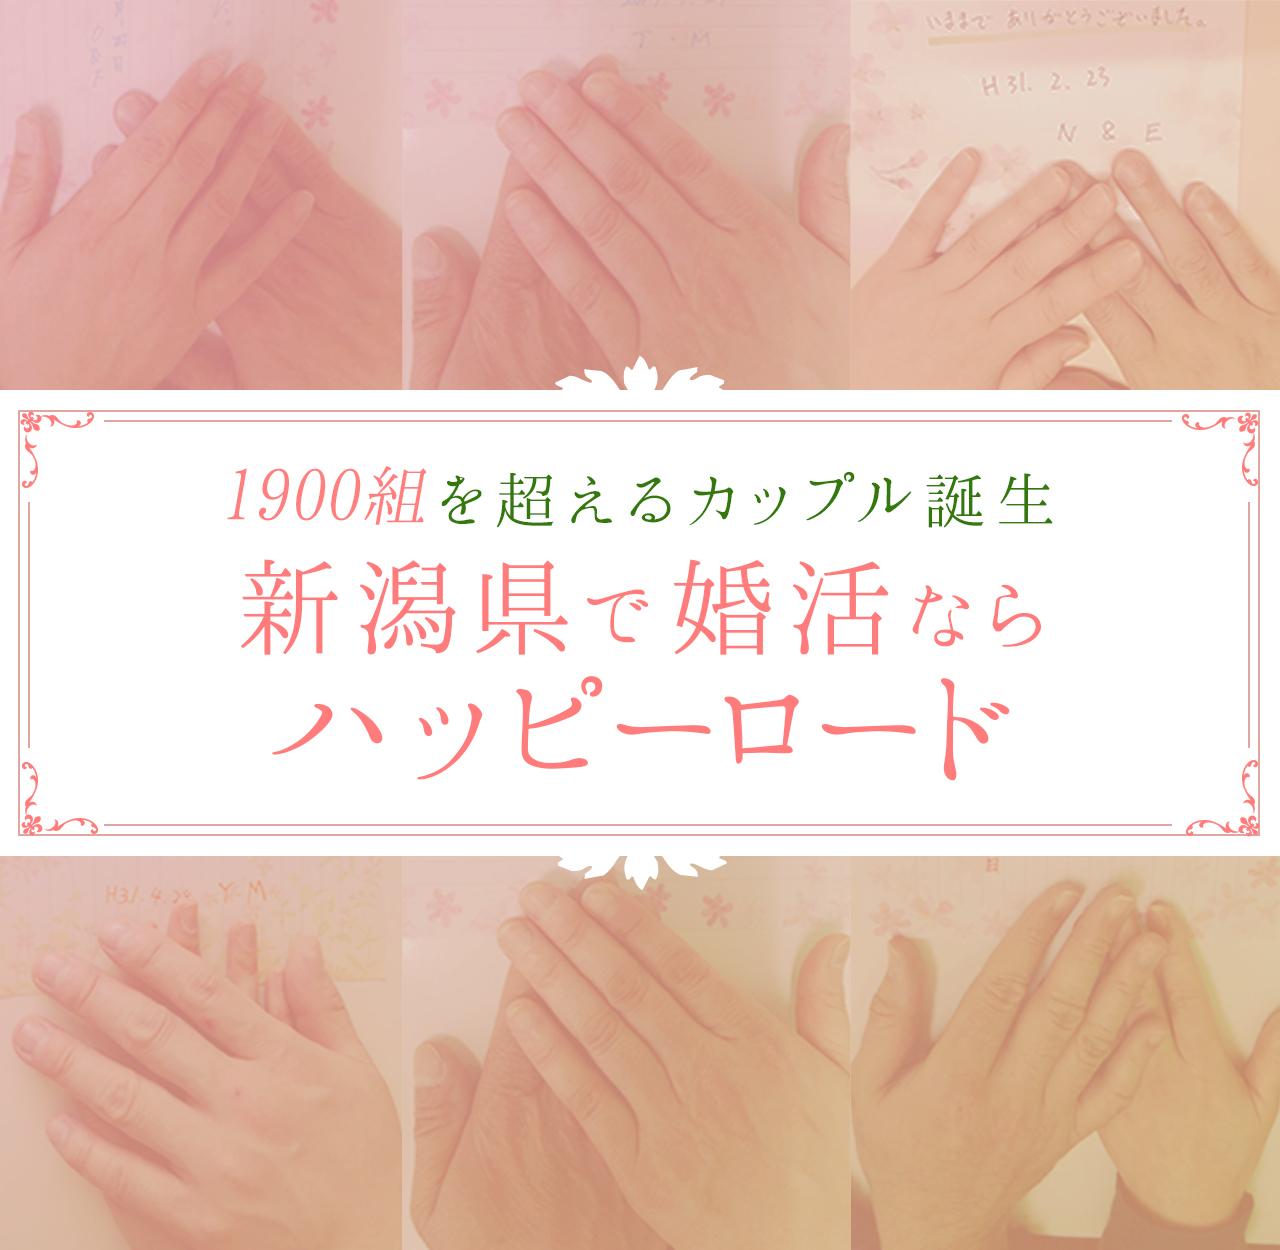 新潟県で婚活ならハッピーロード